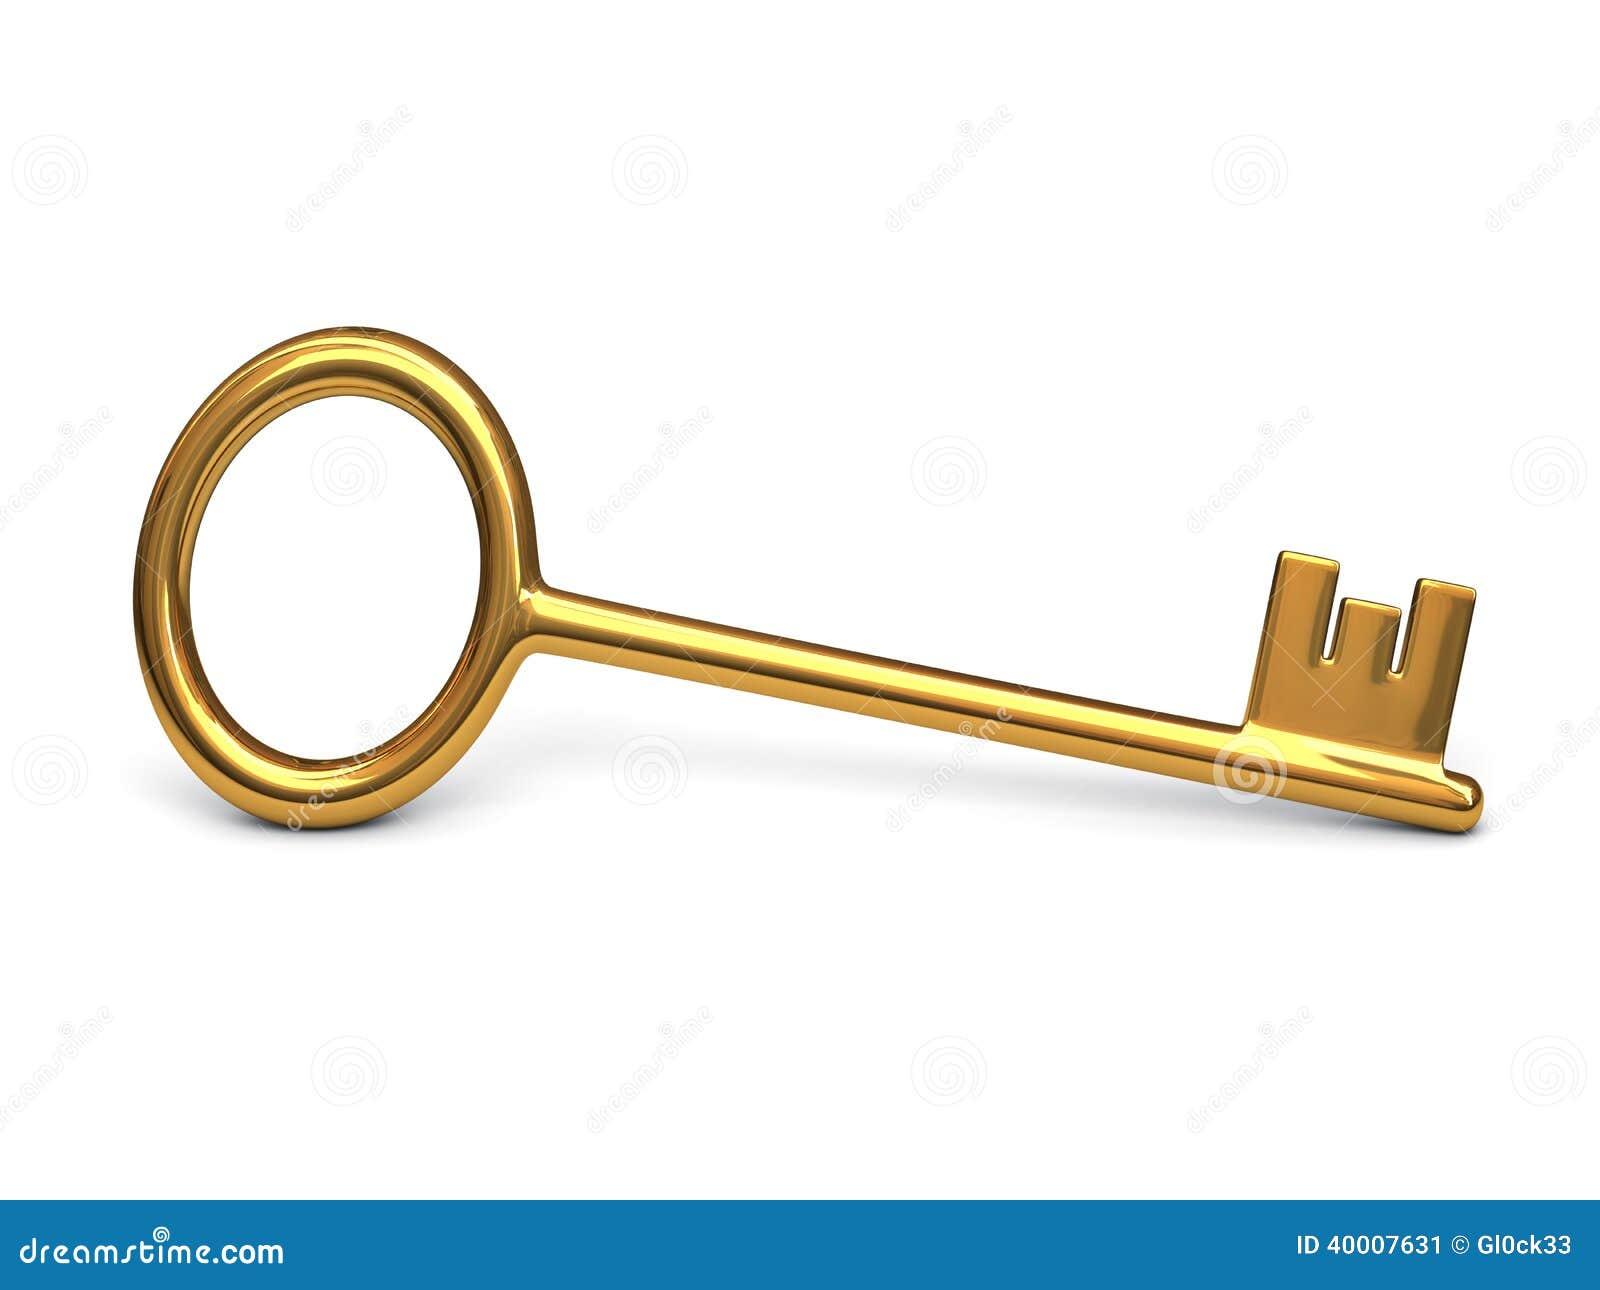 Llave antigua del oro stock de ilustraci n imagen 40007631 - Llaves antiguas de puertas ...